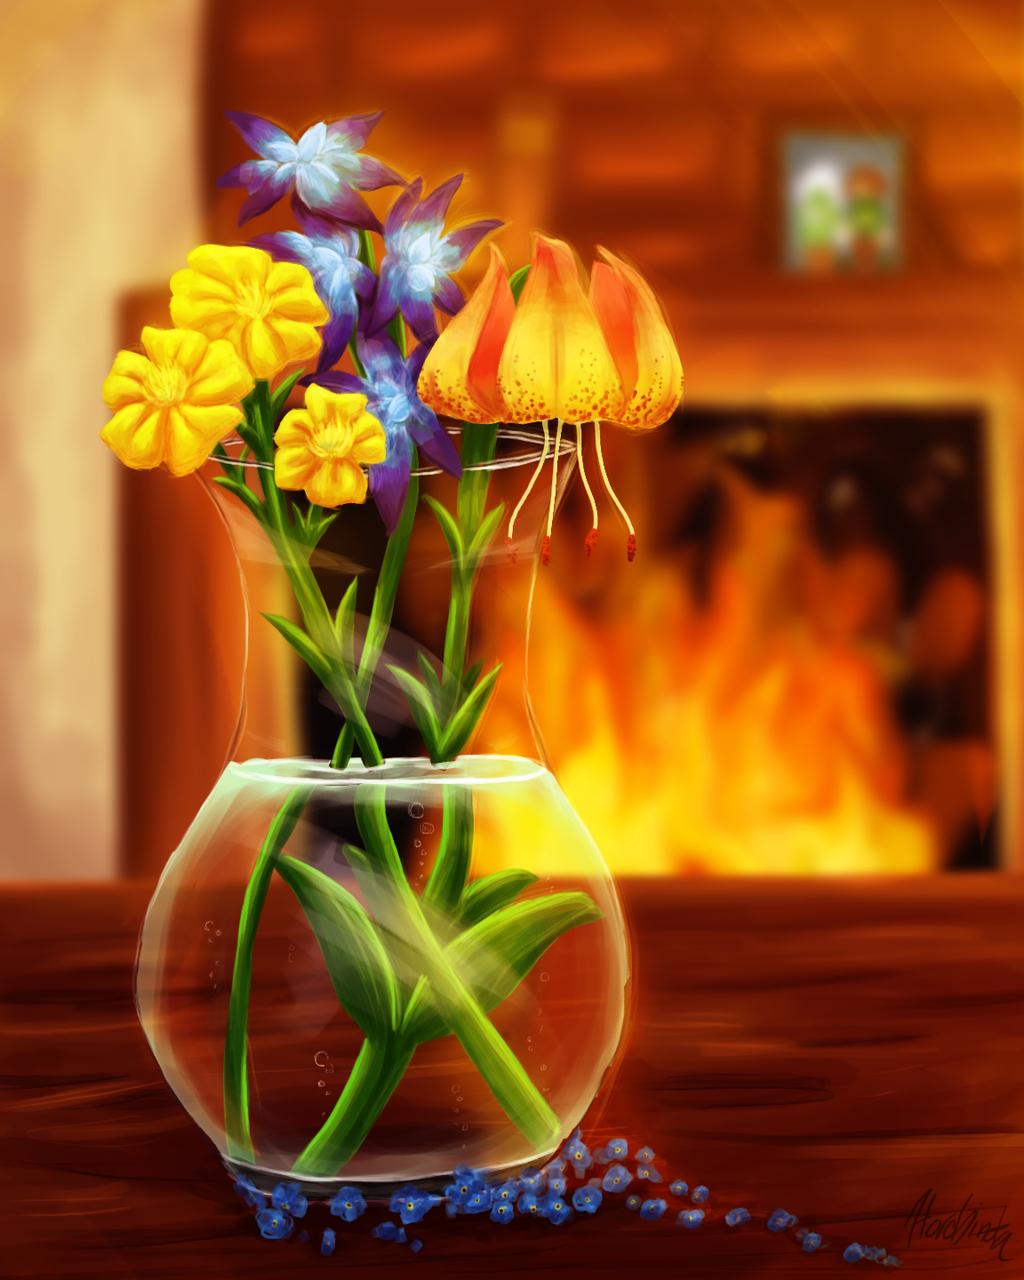 Flowers for Mom by Horobinota on DeviantArt